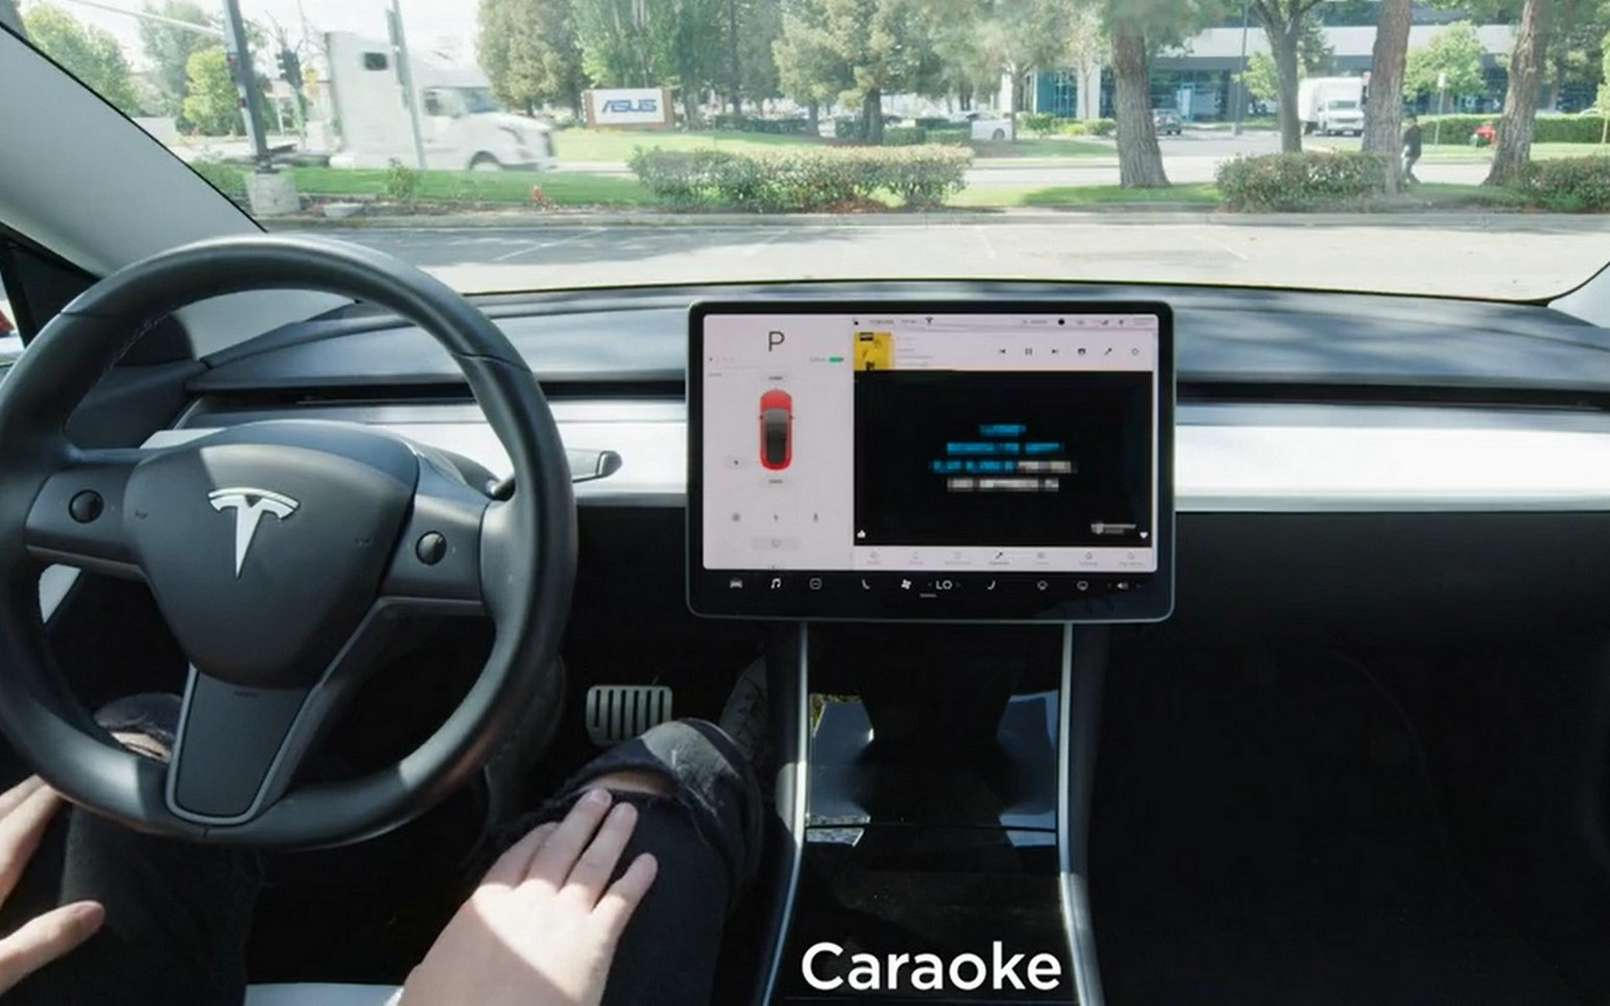 Le mode « Caraoke » est disponible avec la mise à jour logicielle V10 de l'OS Tesla. © Tesla